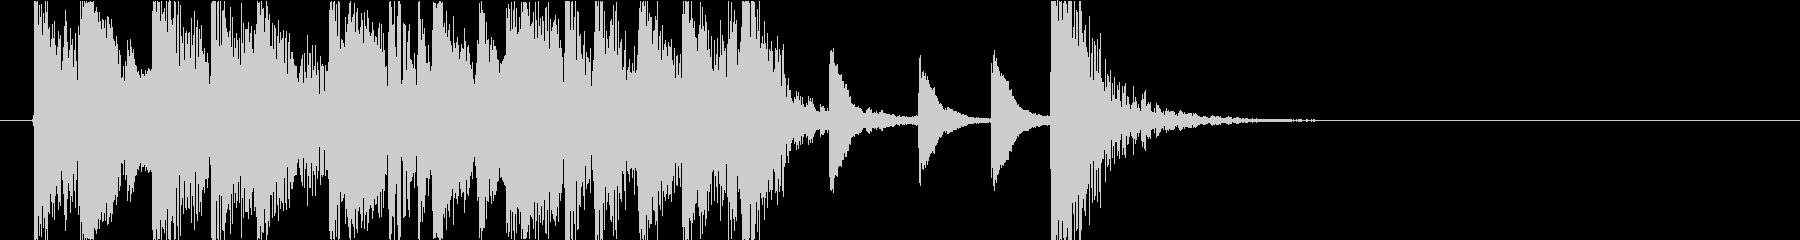 ピアノトリオによるジャズジングルの未再生の波形